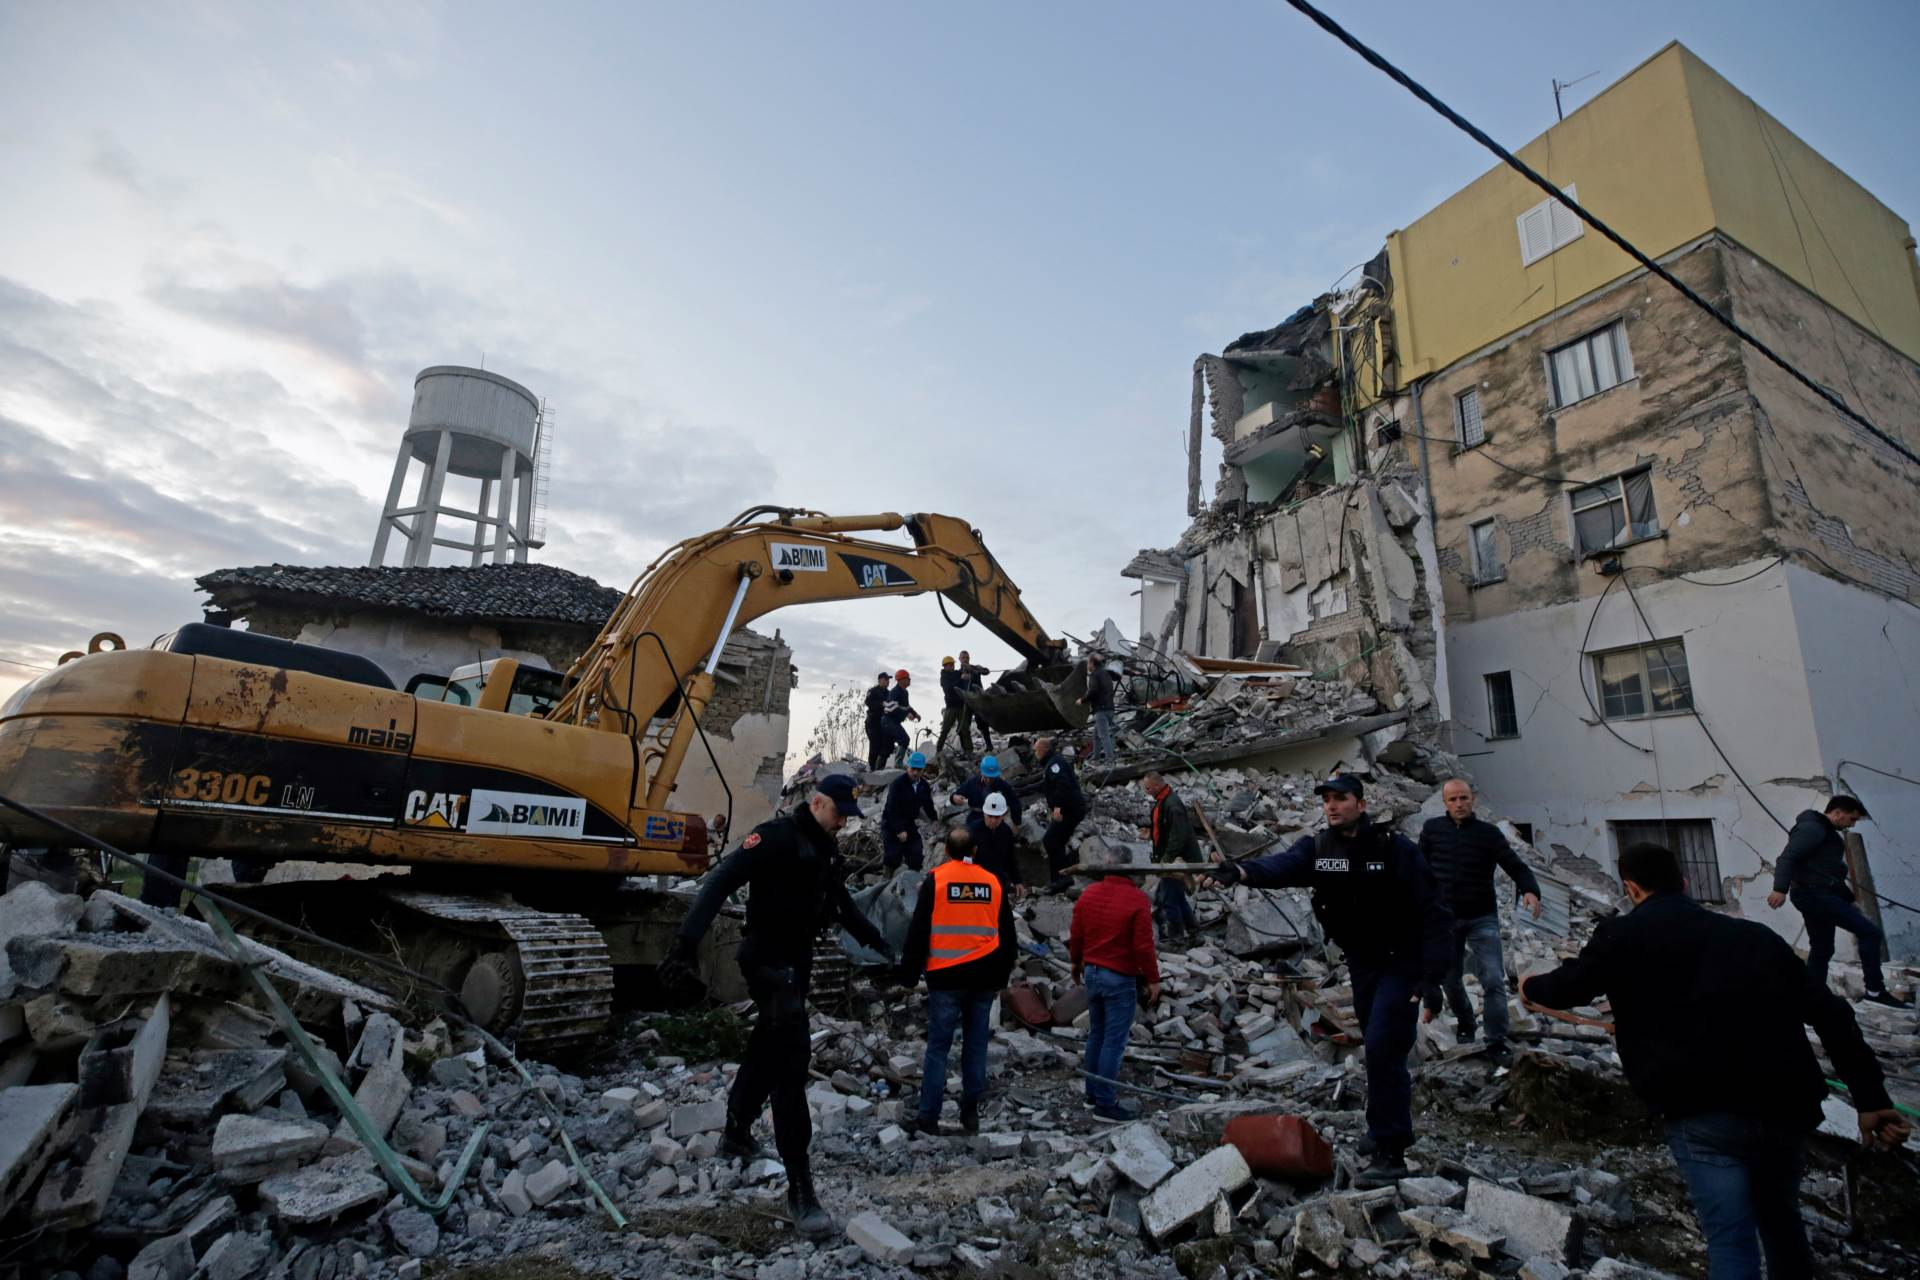 rama-prekinute-spasilacke-operacije-50-zrtava-zemljotresa